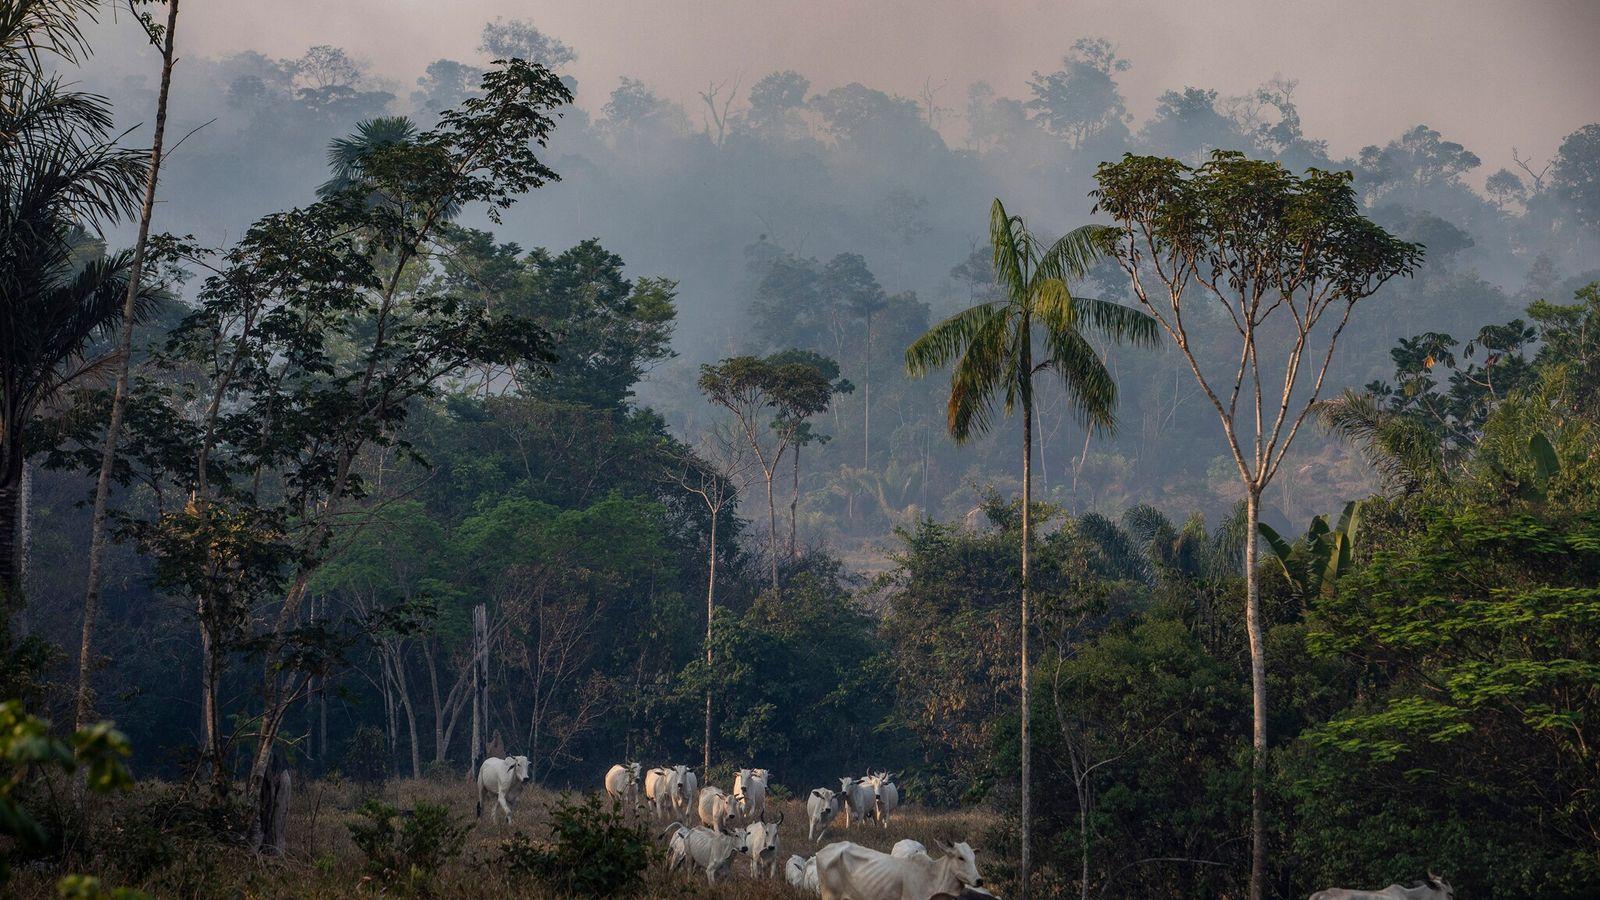 La fumée épaissit le ciel au-dessus de ce ranch dans l'État brésilien du Mato Grosso en ...